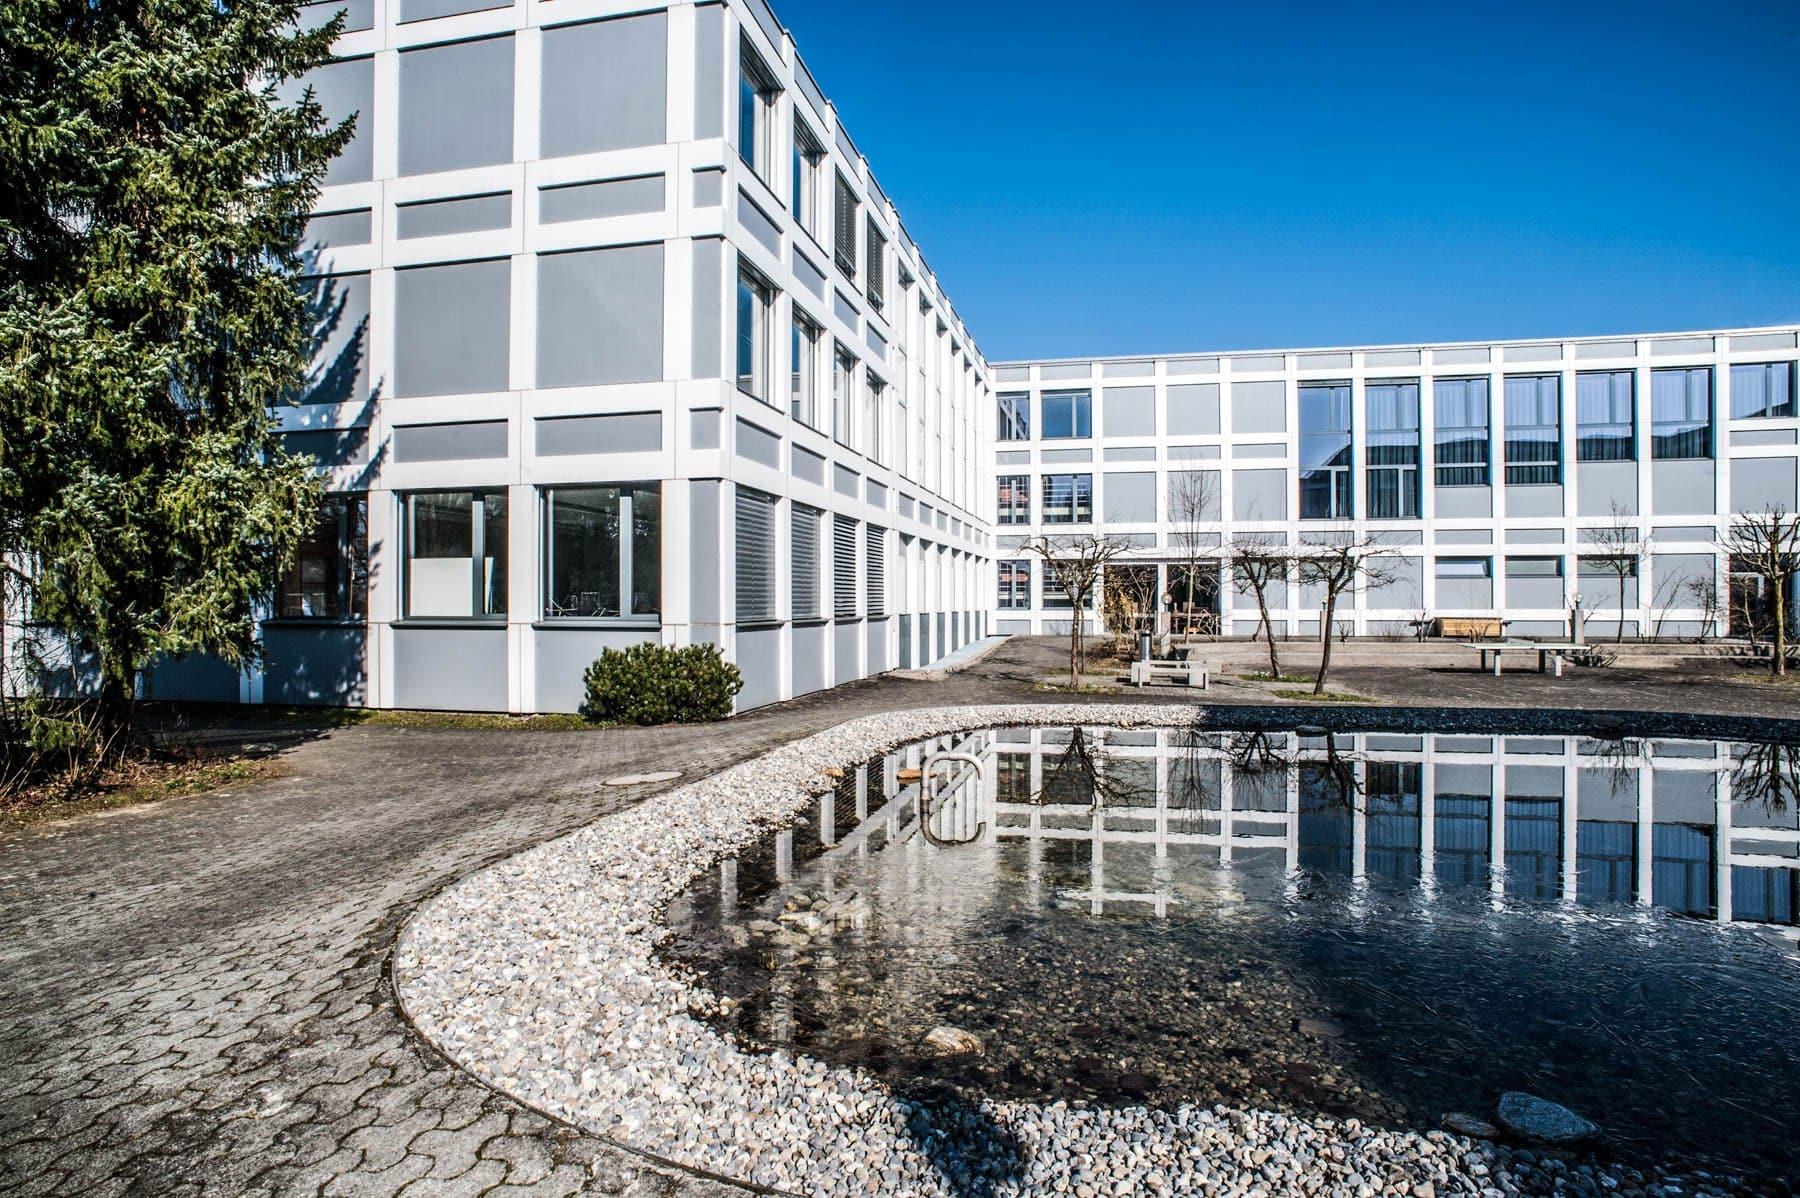 Delussu-Fotografie_Architektur_Kanti_Sursee